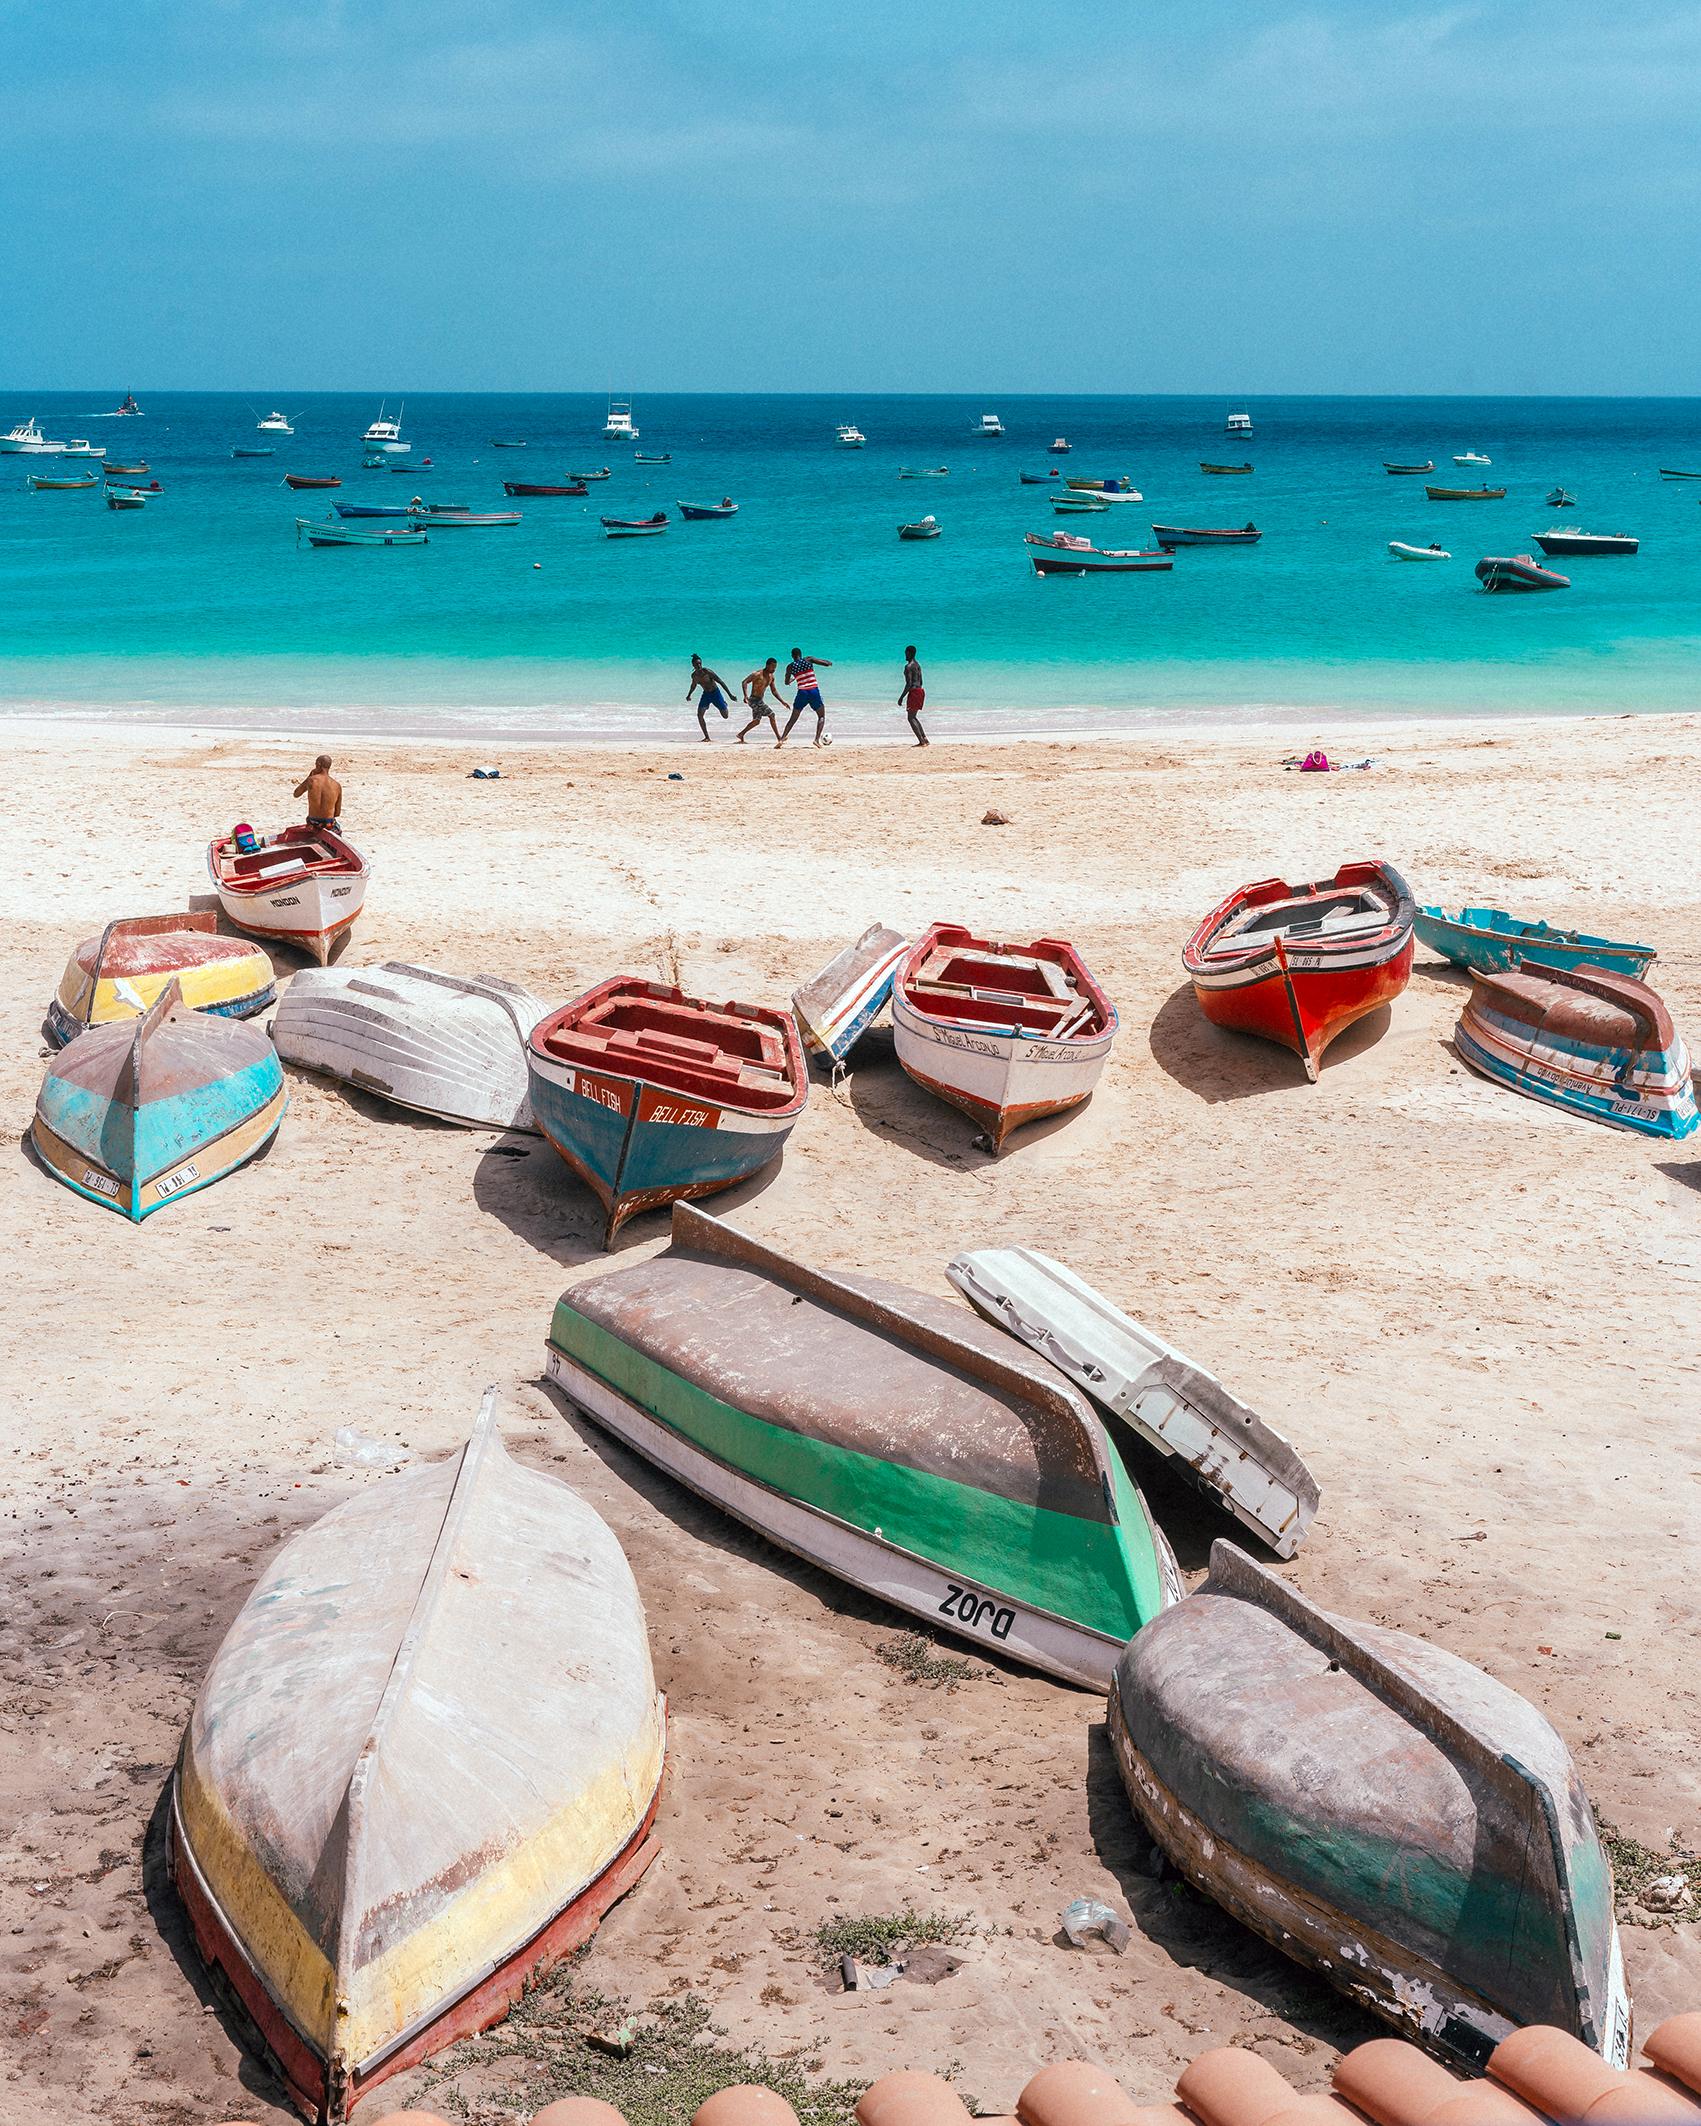 10 cose da fare e vedere a Capo Verde - Isola di Sal